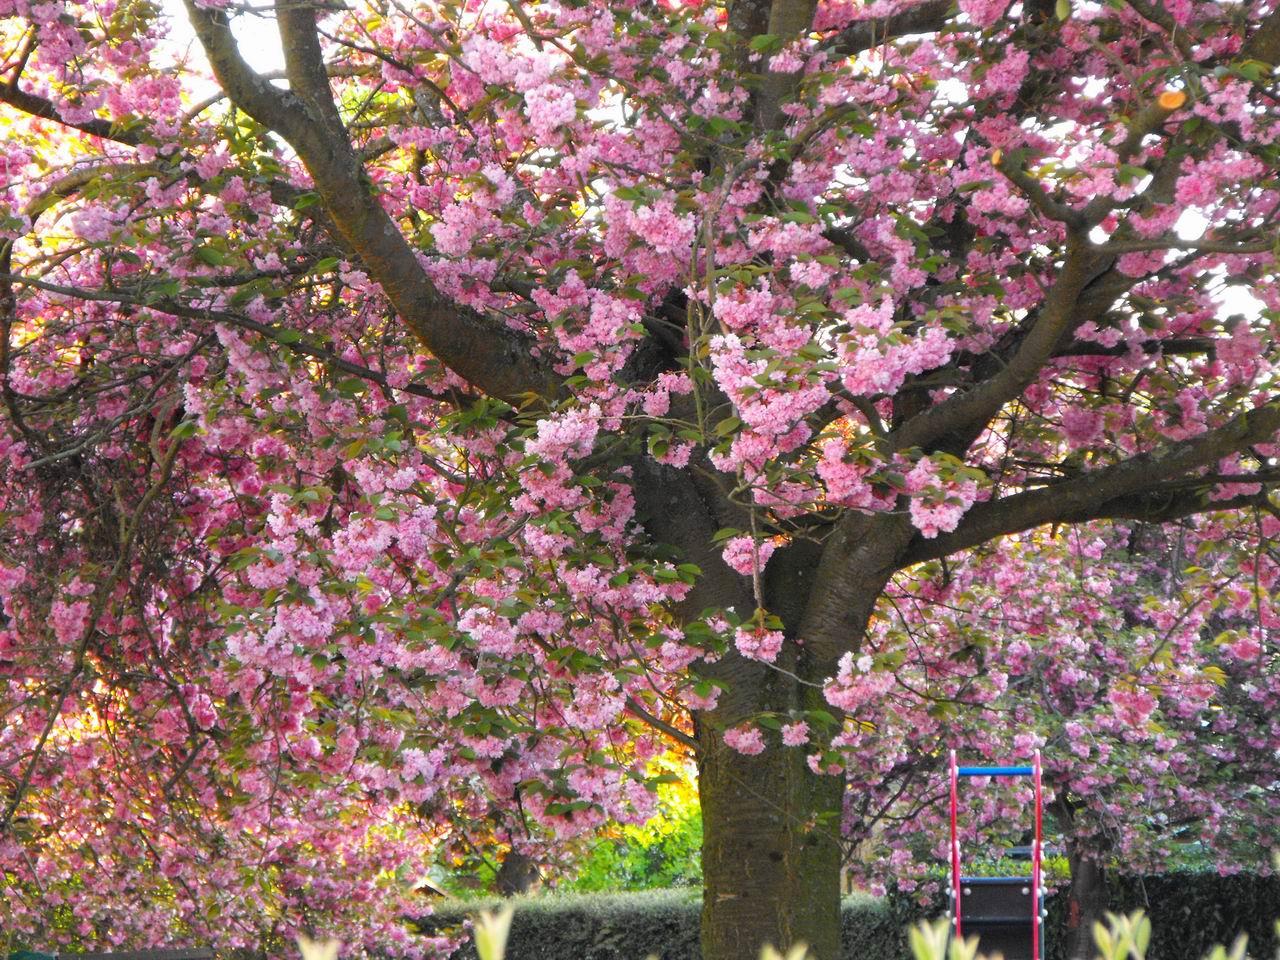 Evariste zephyrin photographer le jardin des cerisiers for Le jardin des fleurs talence